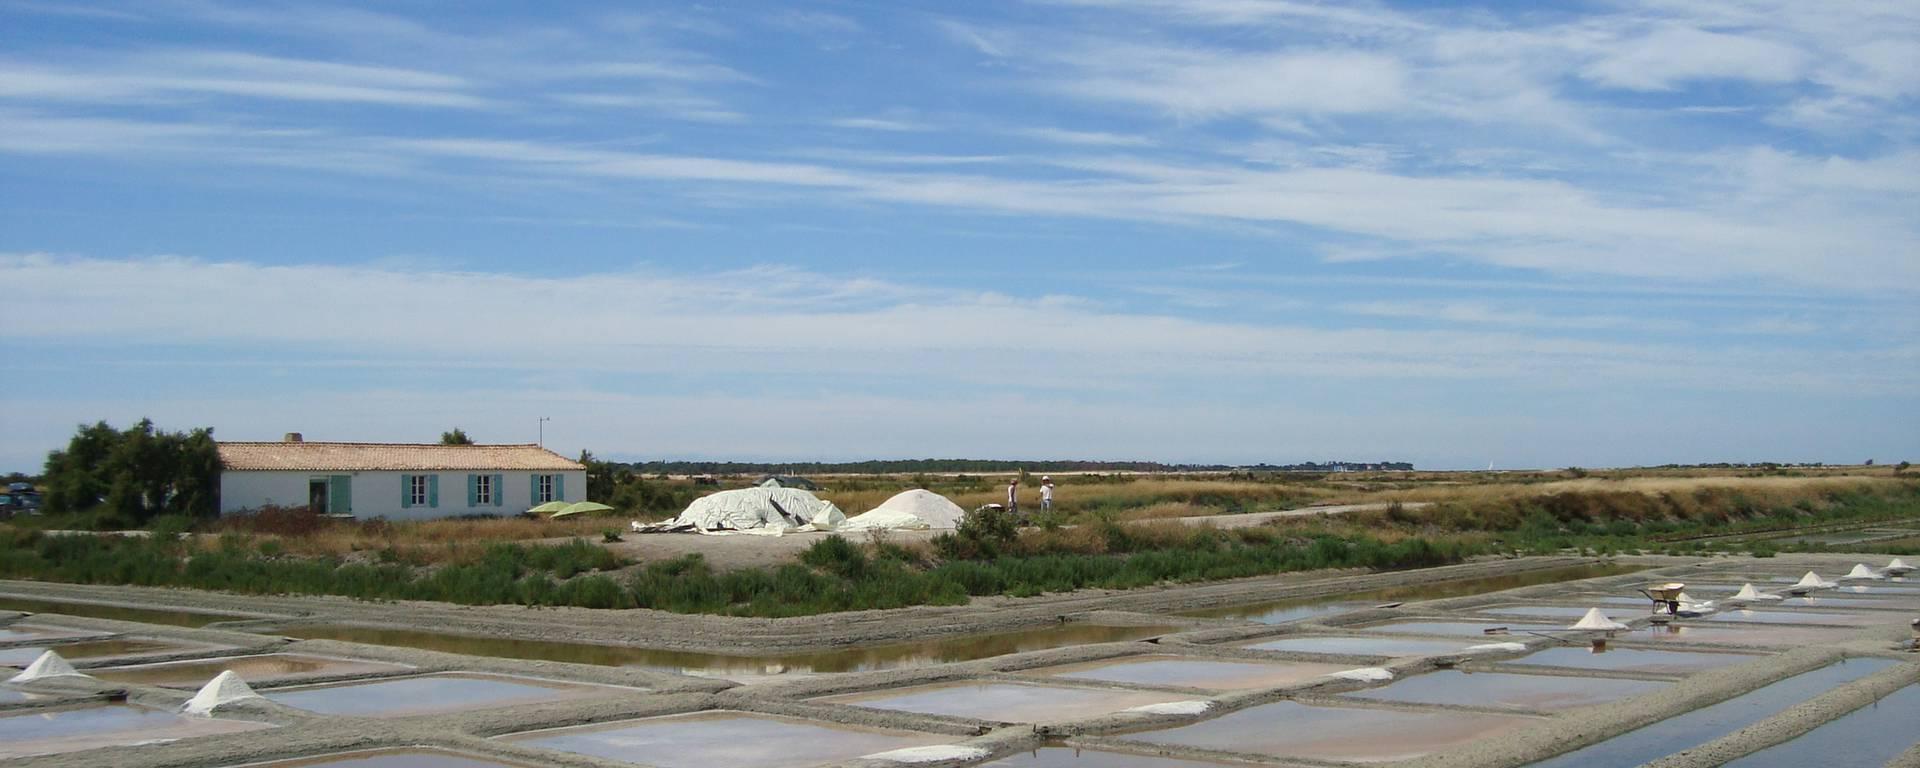 Ecomusée du marais salant, l'histoire de la saliculture et des marais par S.Nadouce